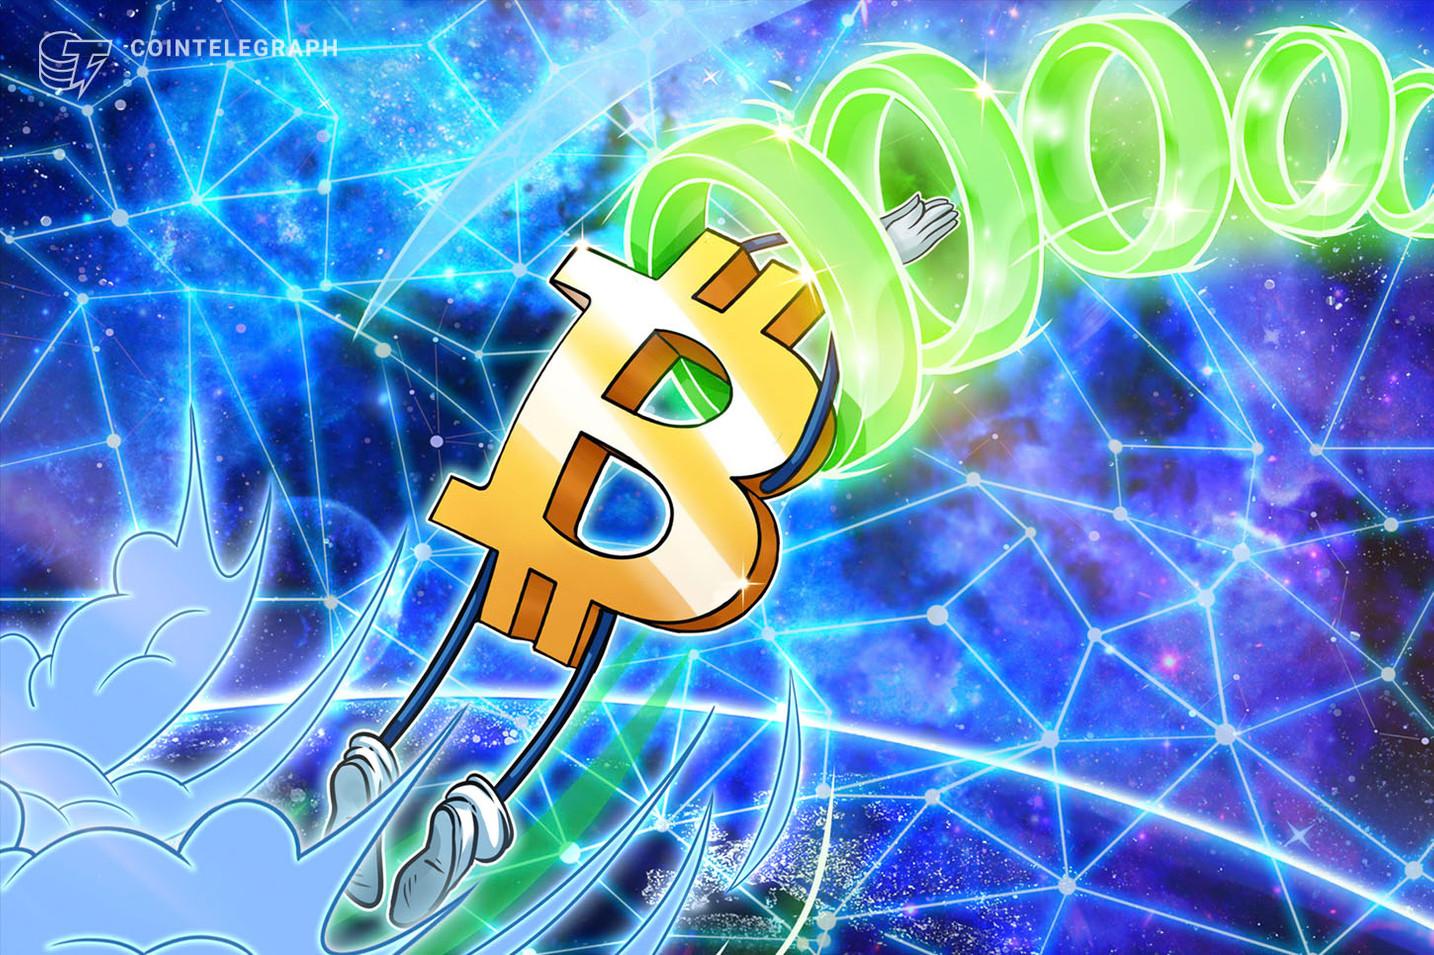 Nonostante la contrazione, le previsioni su Bitcoin rimangono rialziste